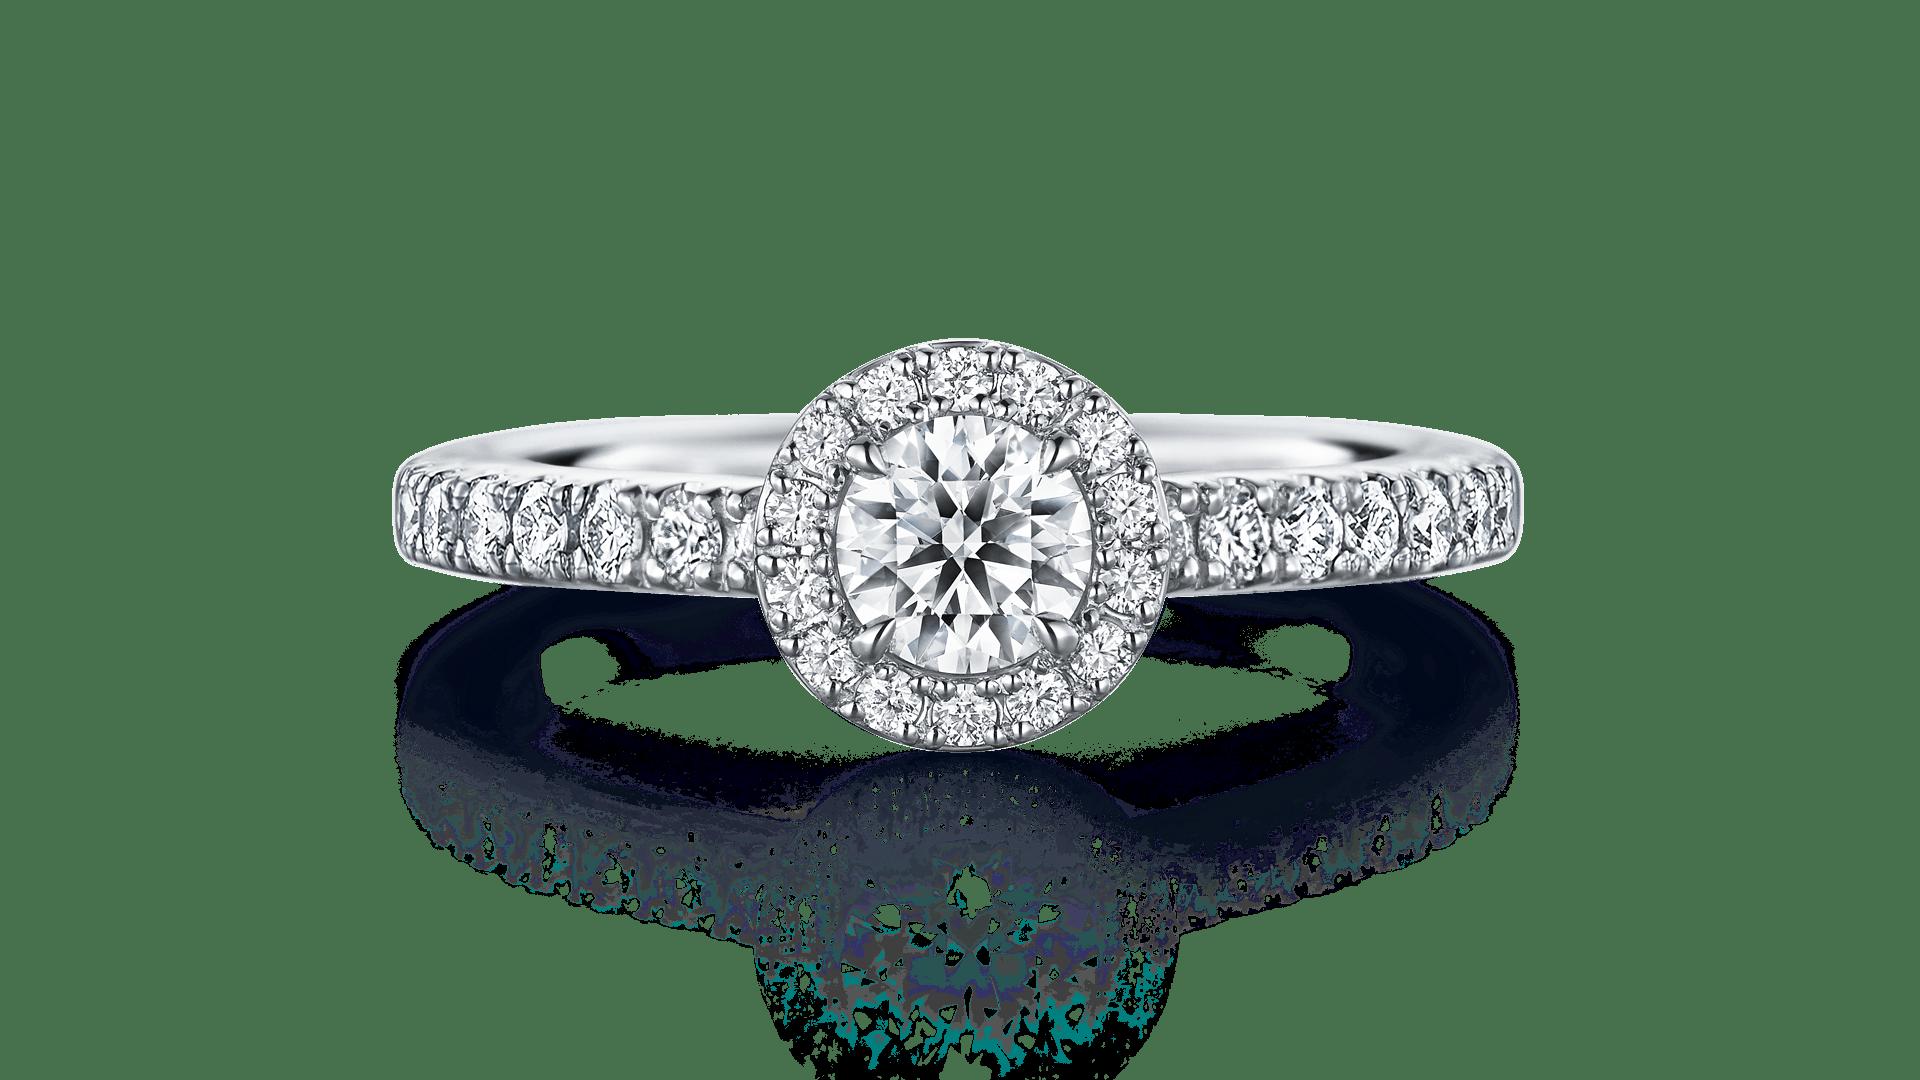 fomalhaut ete フォーマルハウト Ete | 婚約指輪サムネイル 1